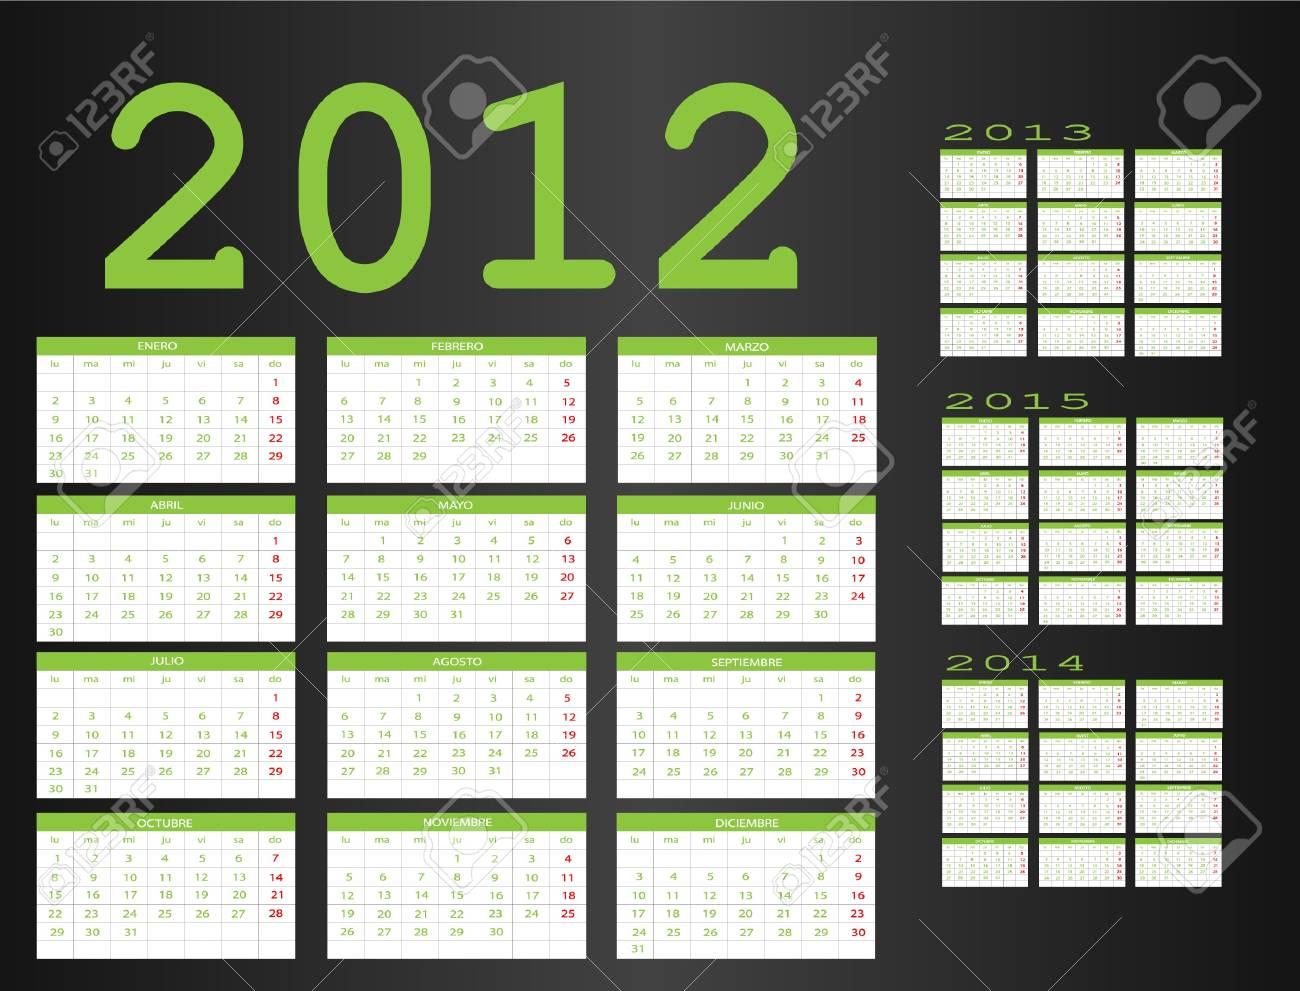 Calendar in Spanish 2012-2013-2014-2015 Stock Vector - 11597034